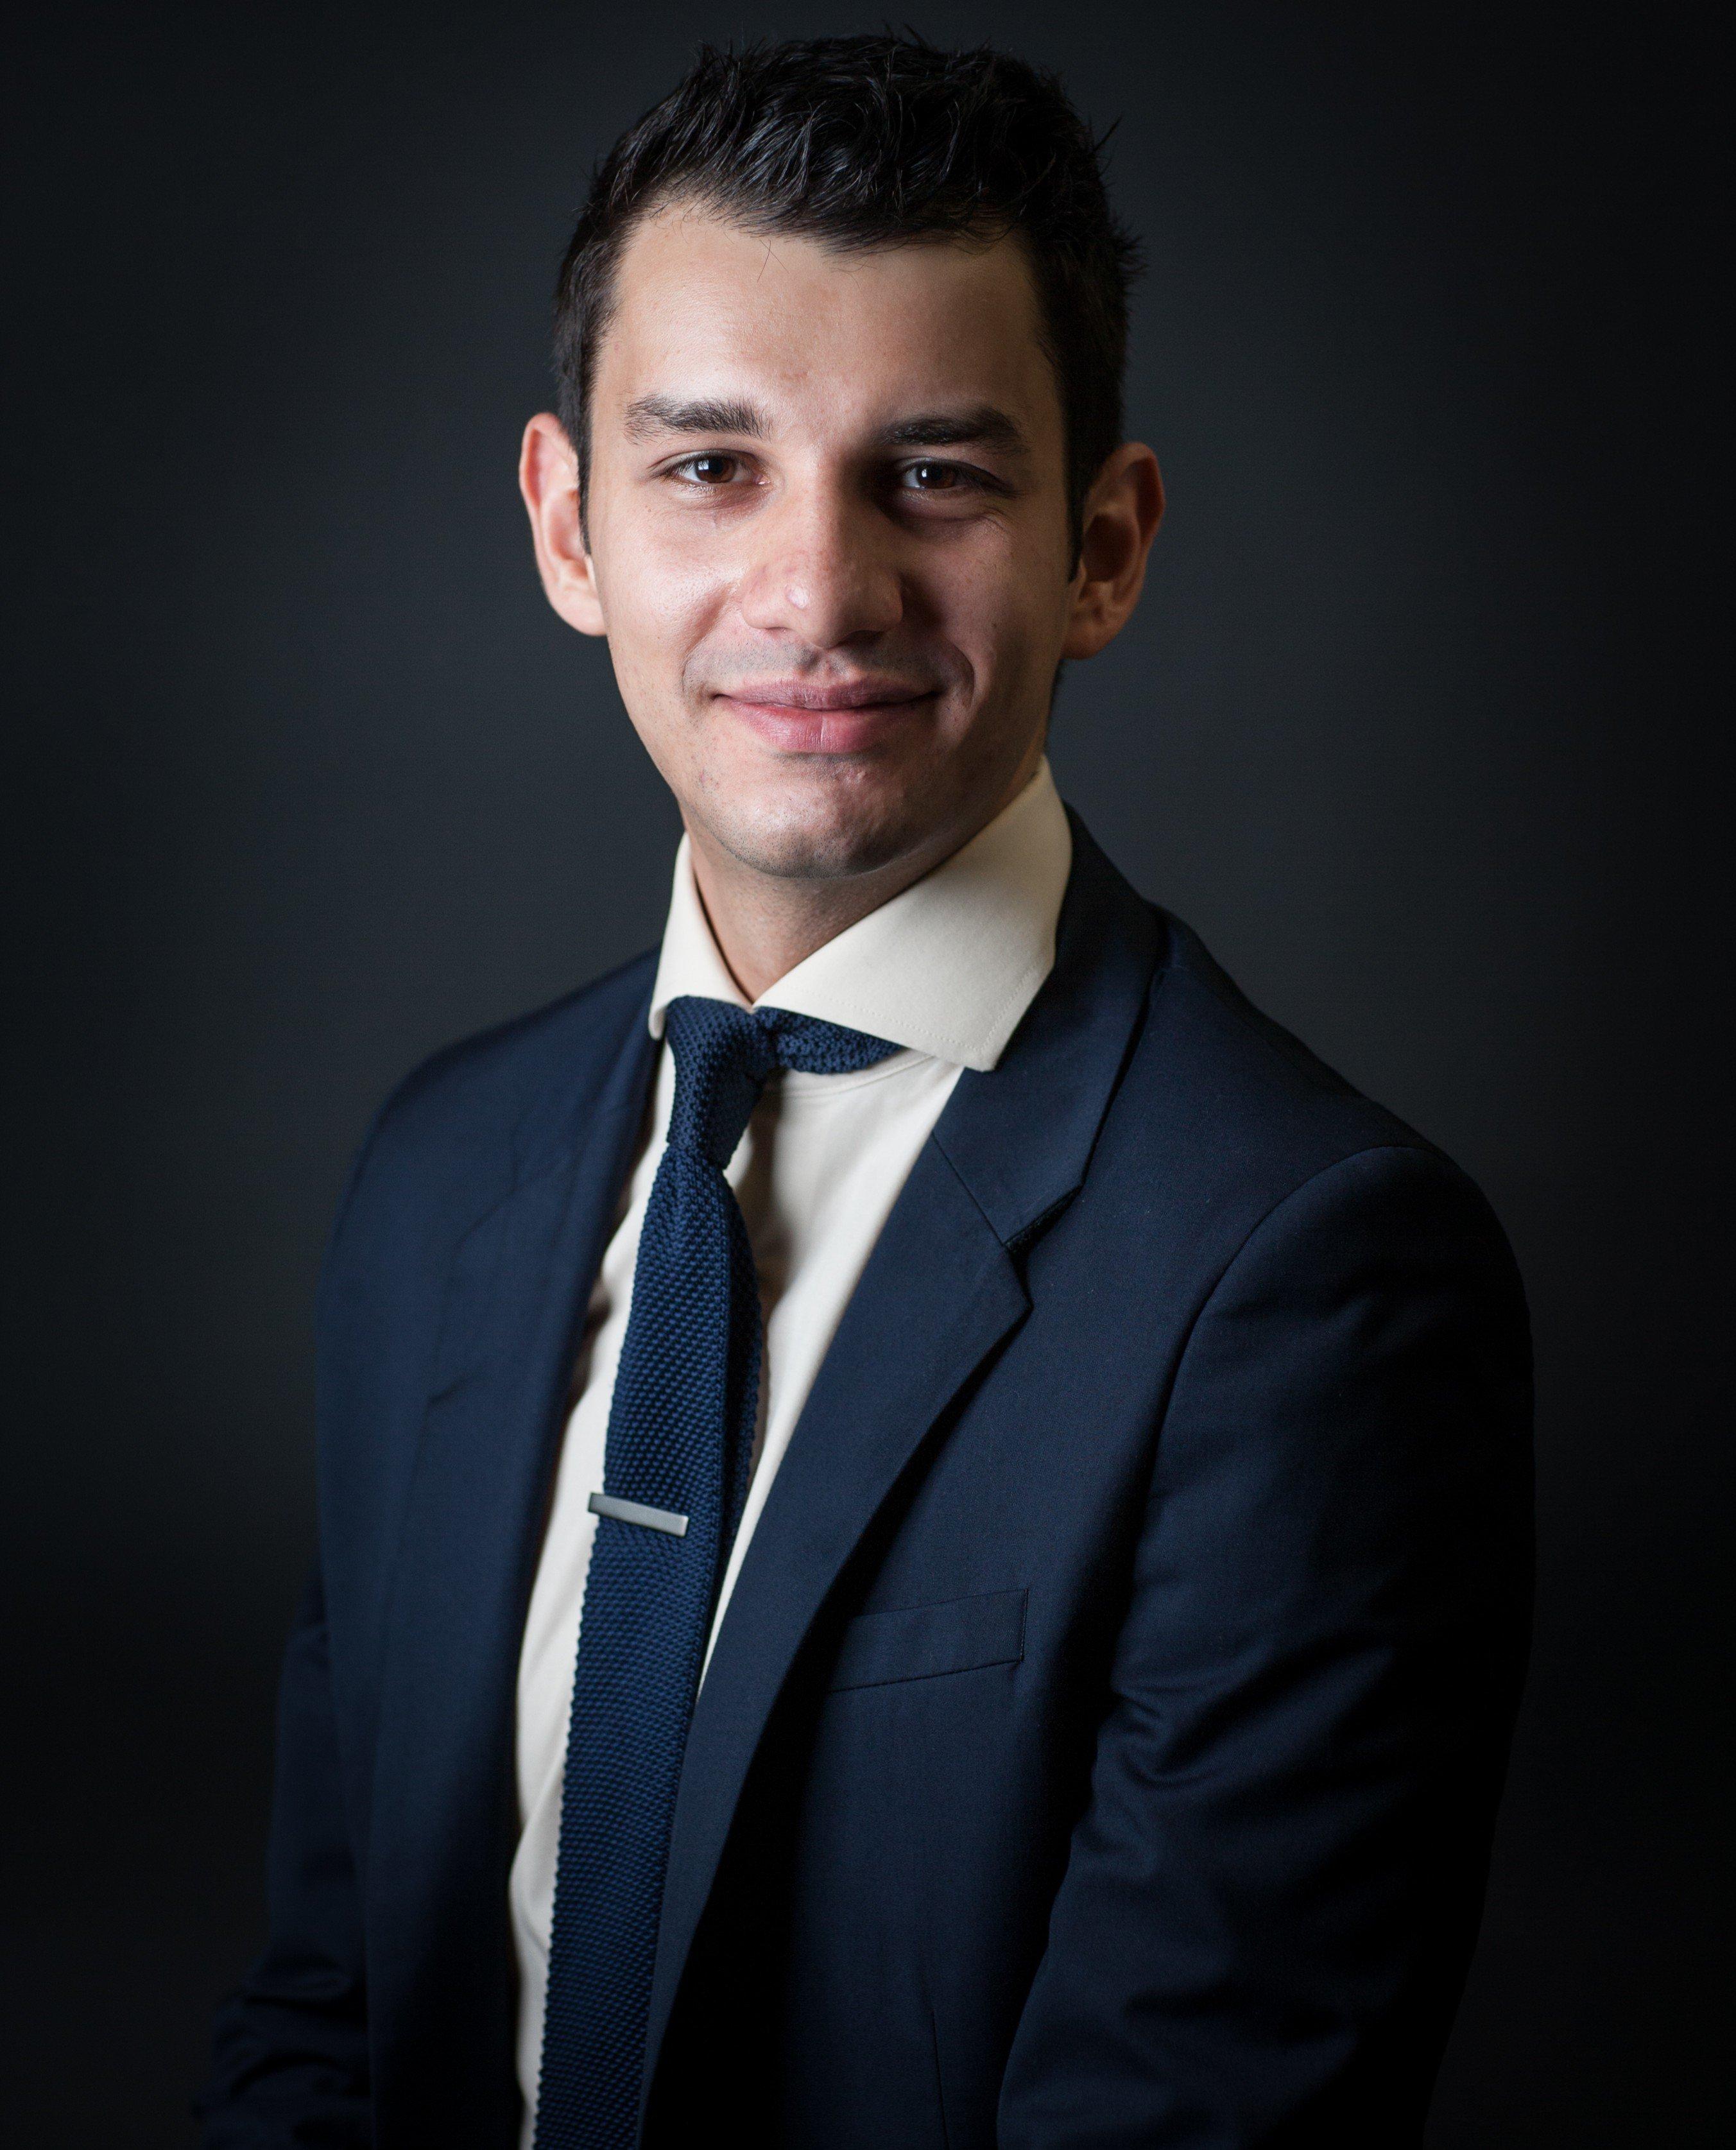 Daniel Epshtein, OD, FAAO